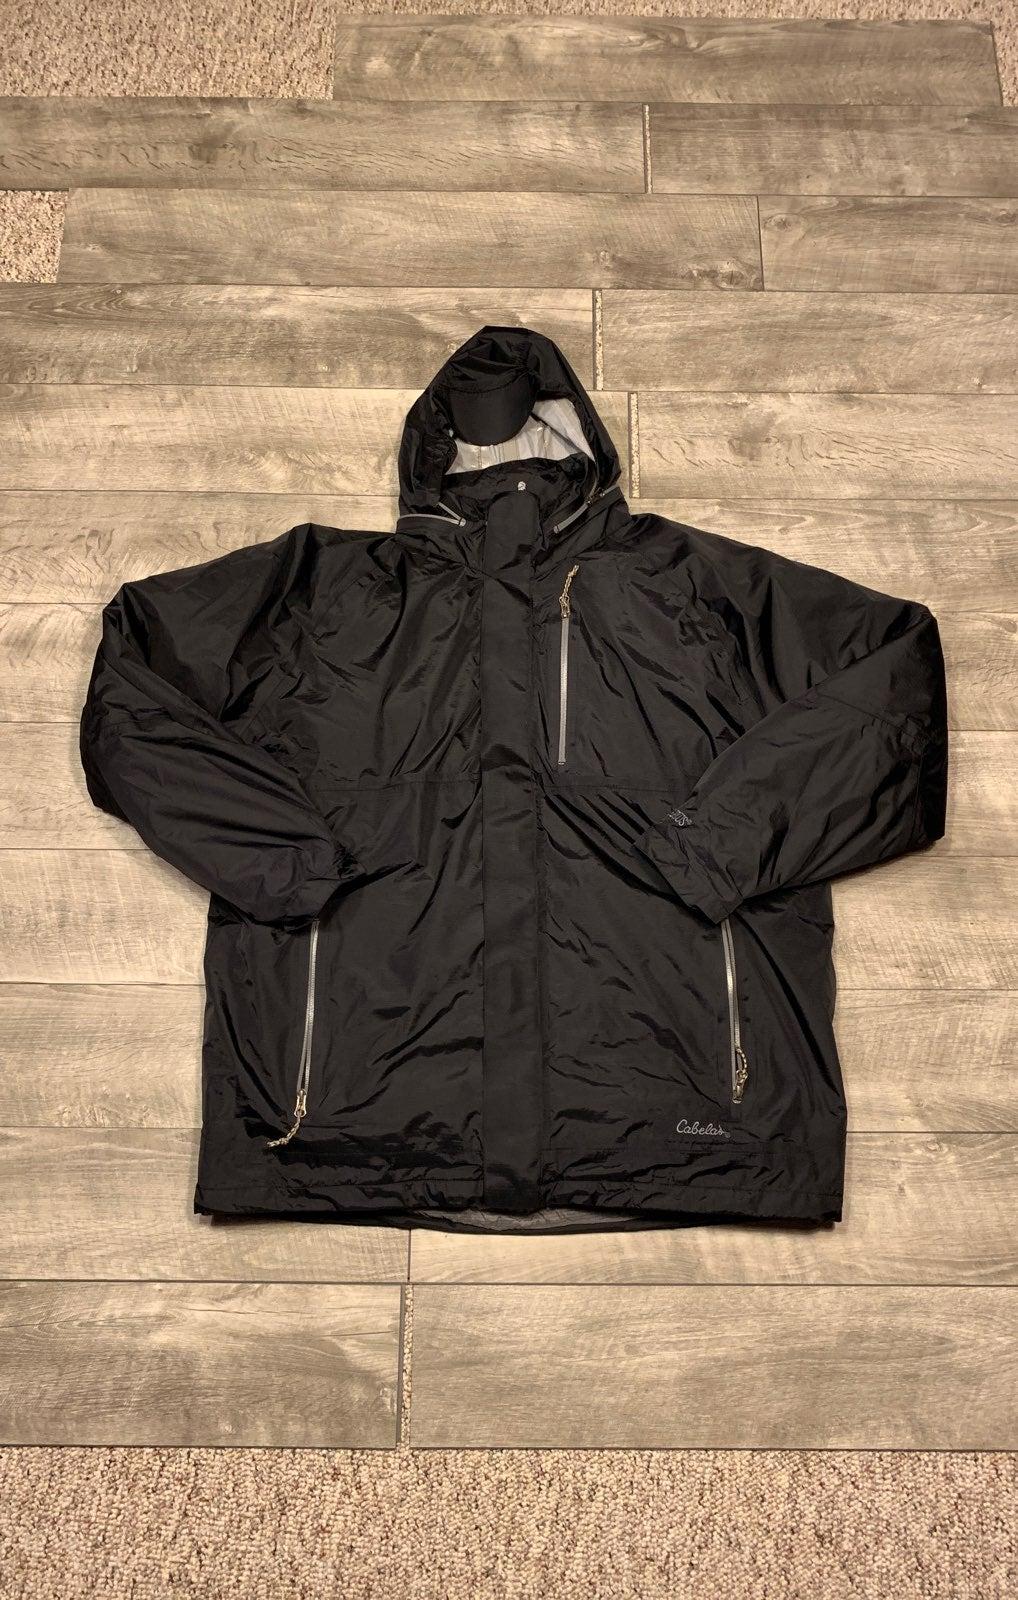 Cabela's 2-in-1 Dry Mens Parka Jacket XL